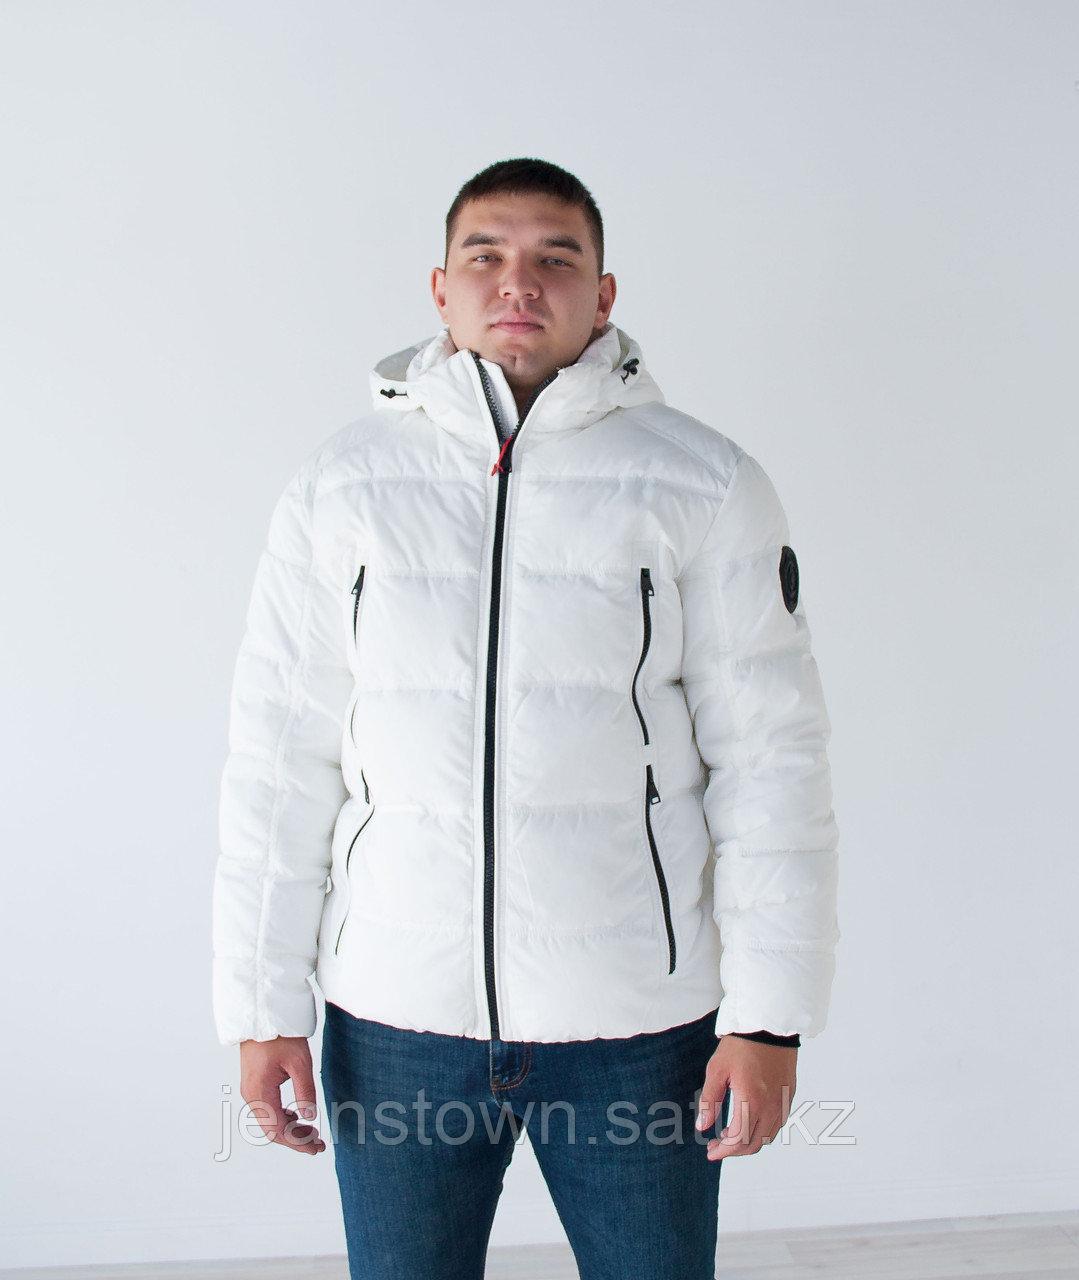 Куртка мужская зимняя  KINGS WIND   короткая  белая